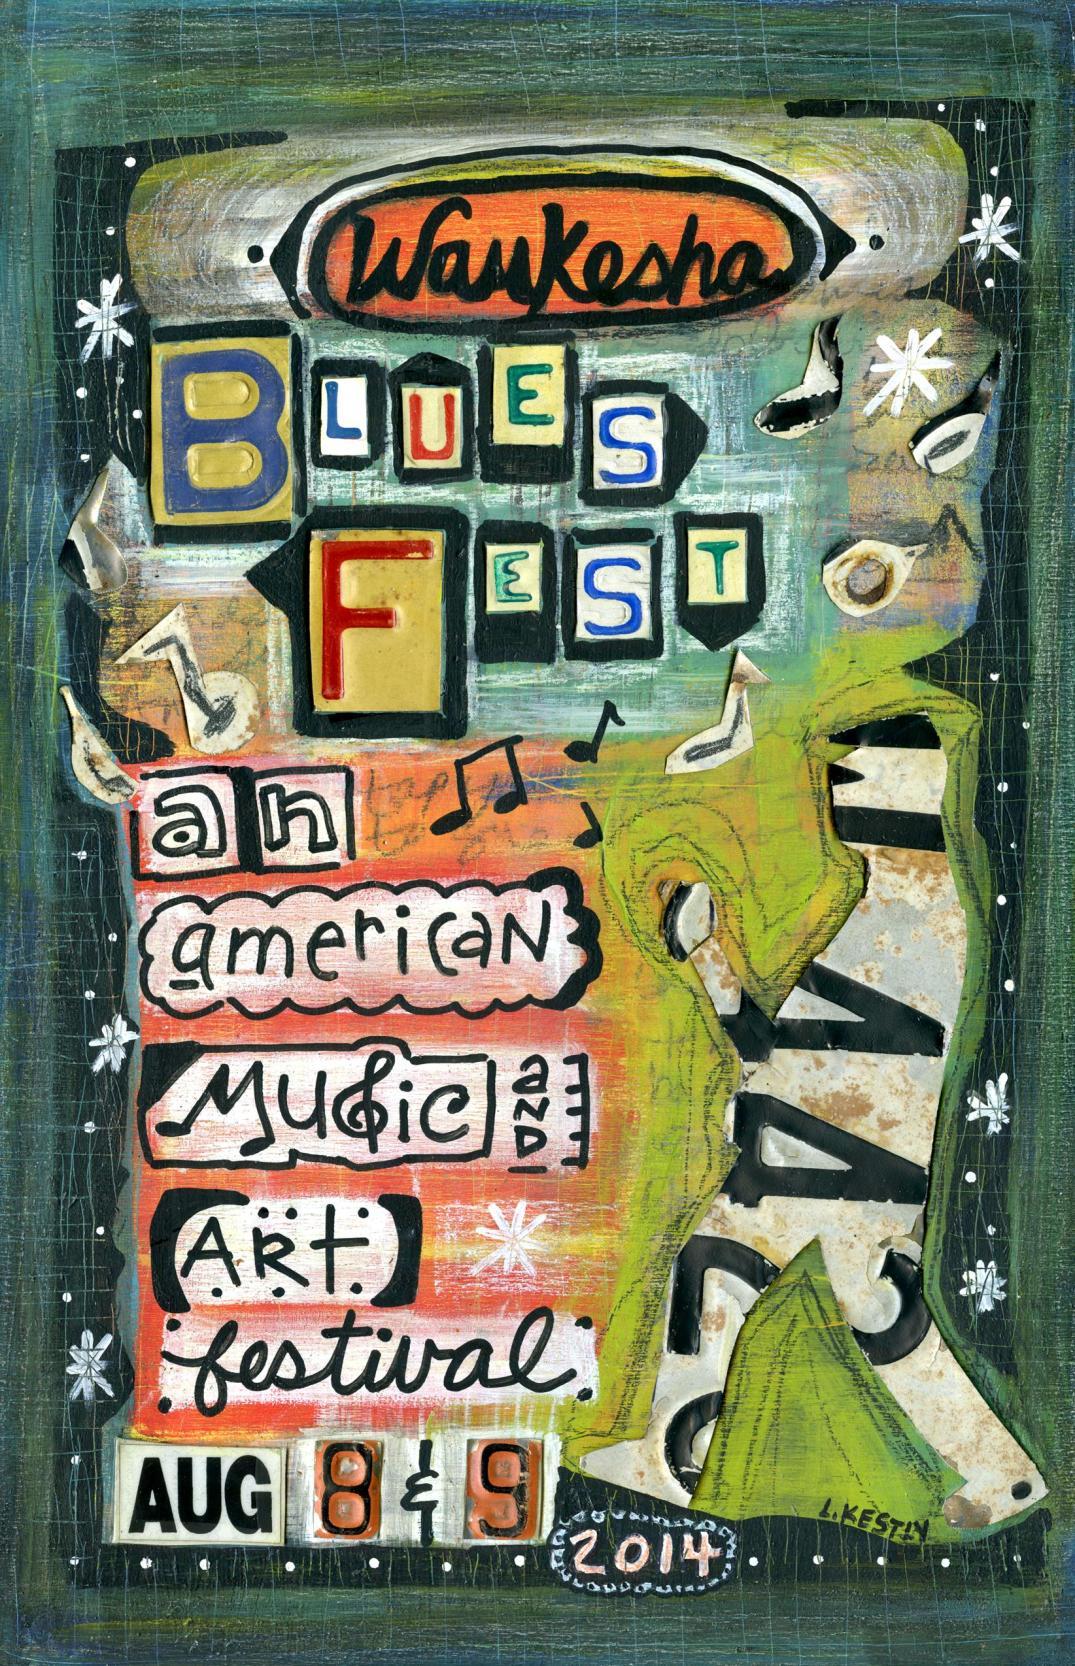 waukesha-blues-fest-2014-2